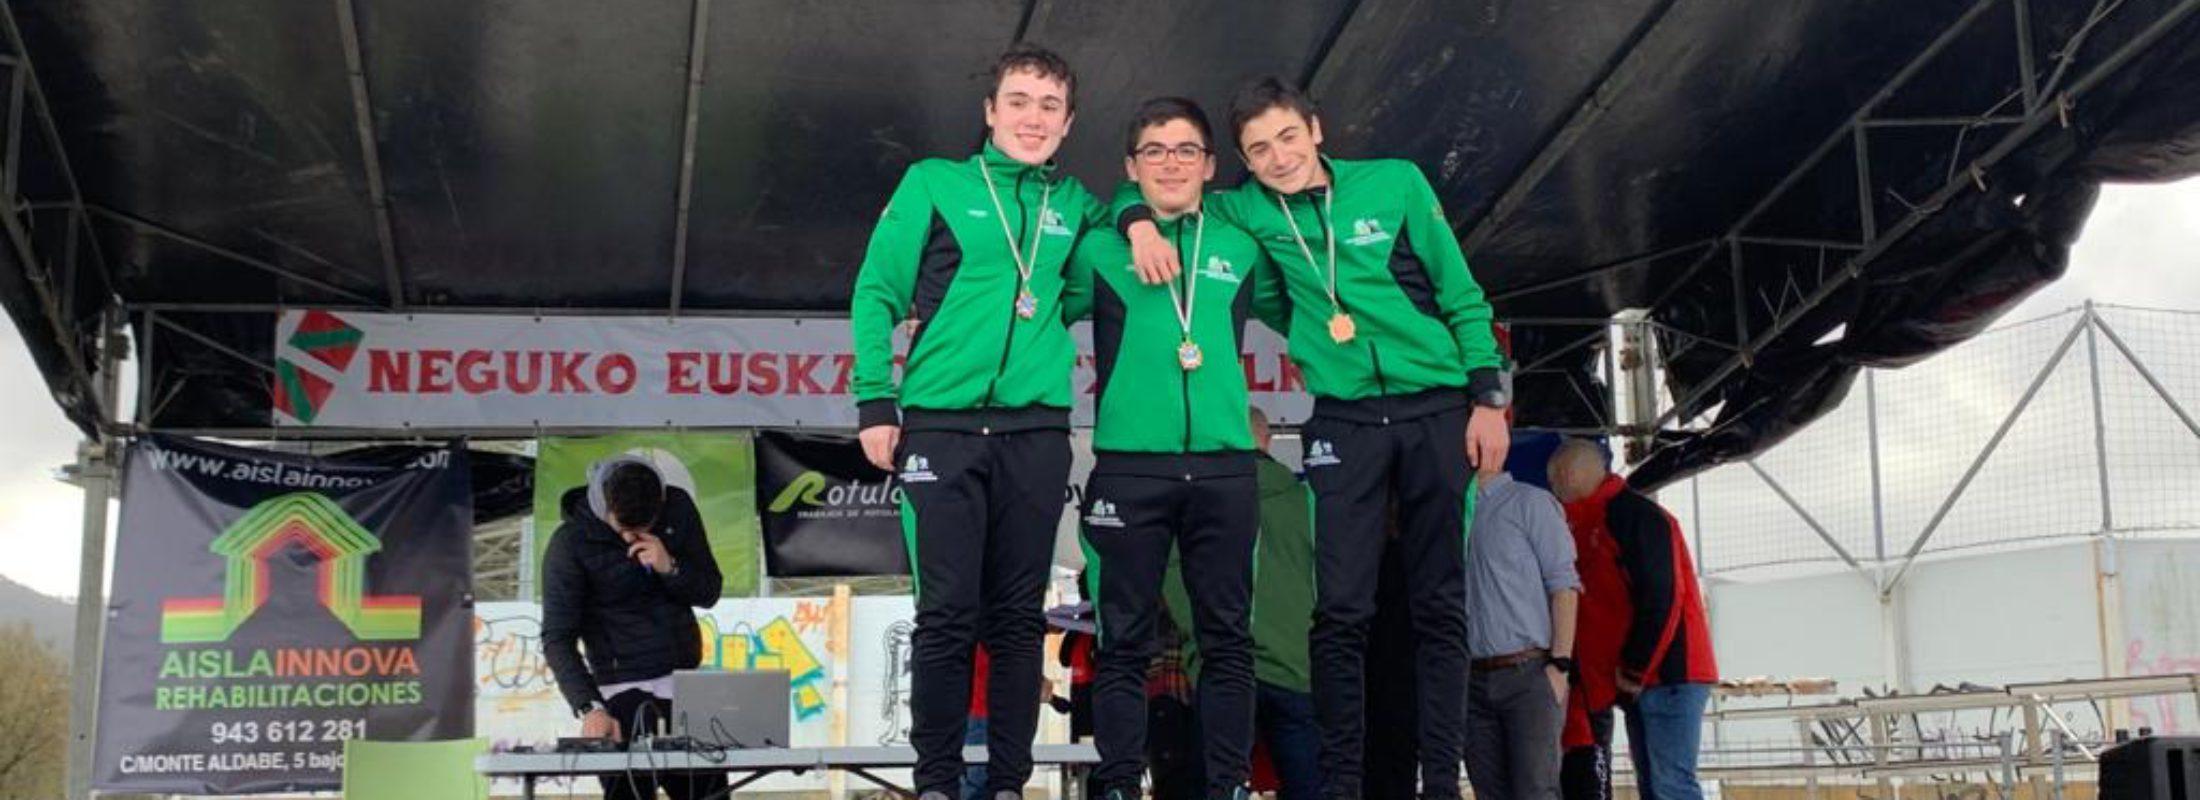 6 pódiums en el Campeonato de Euskadi de Invierno para el Piragüismo Pamplona